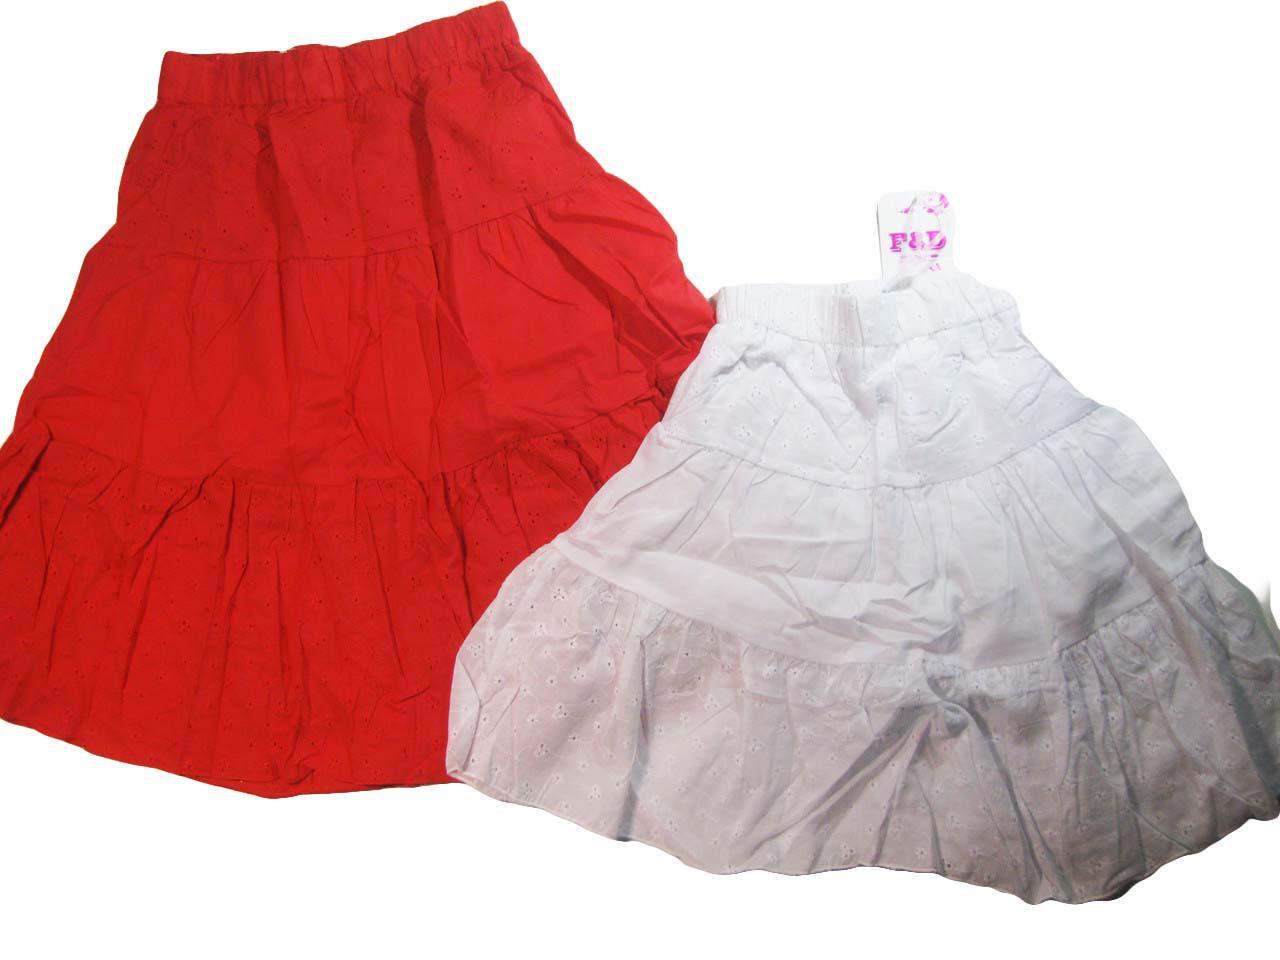 Юбка для девочек, размеры 4,6,10 лет, F&D, арт. 9040